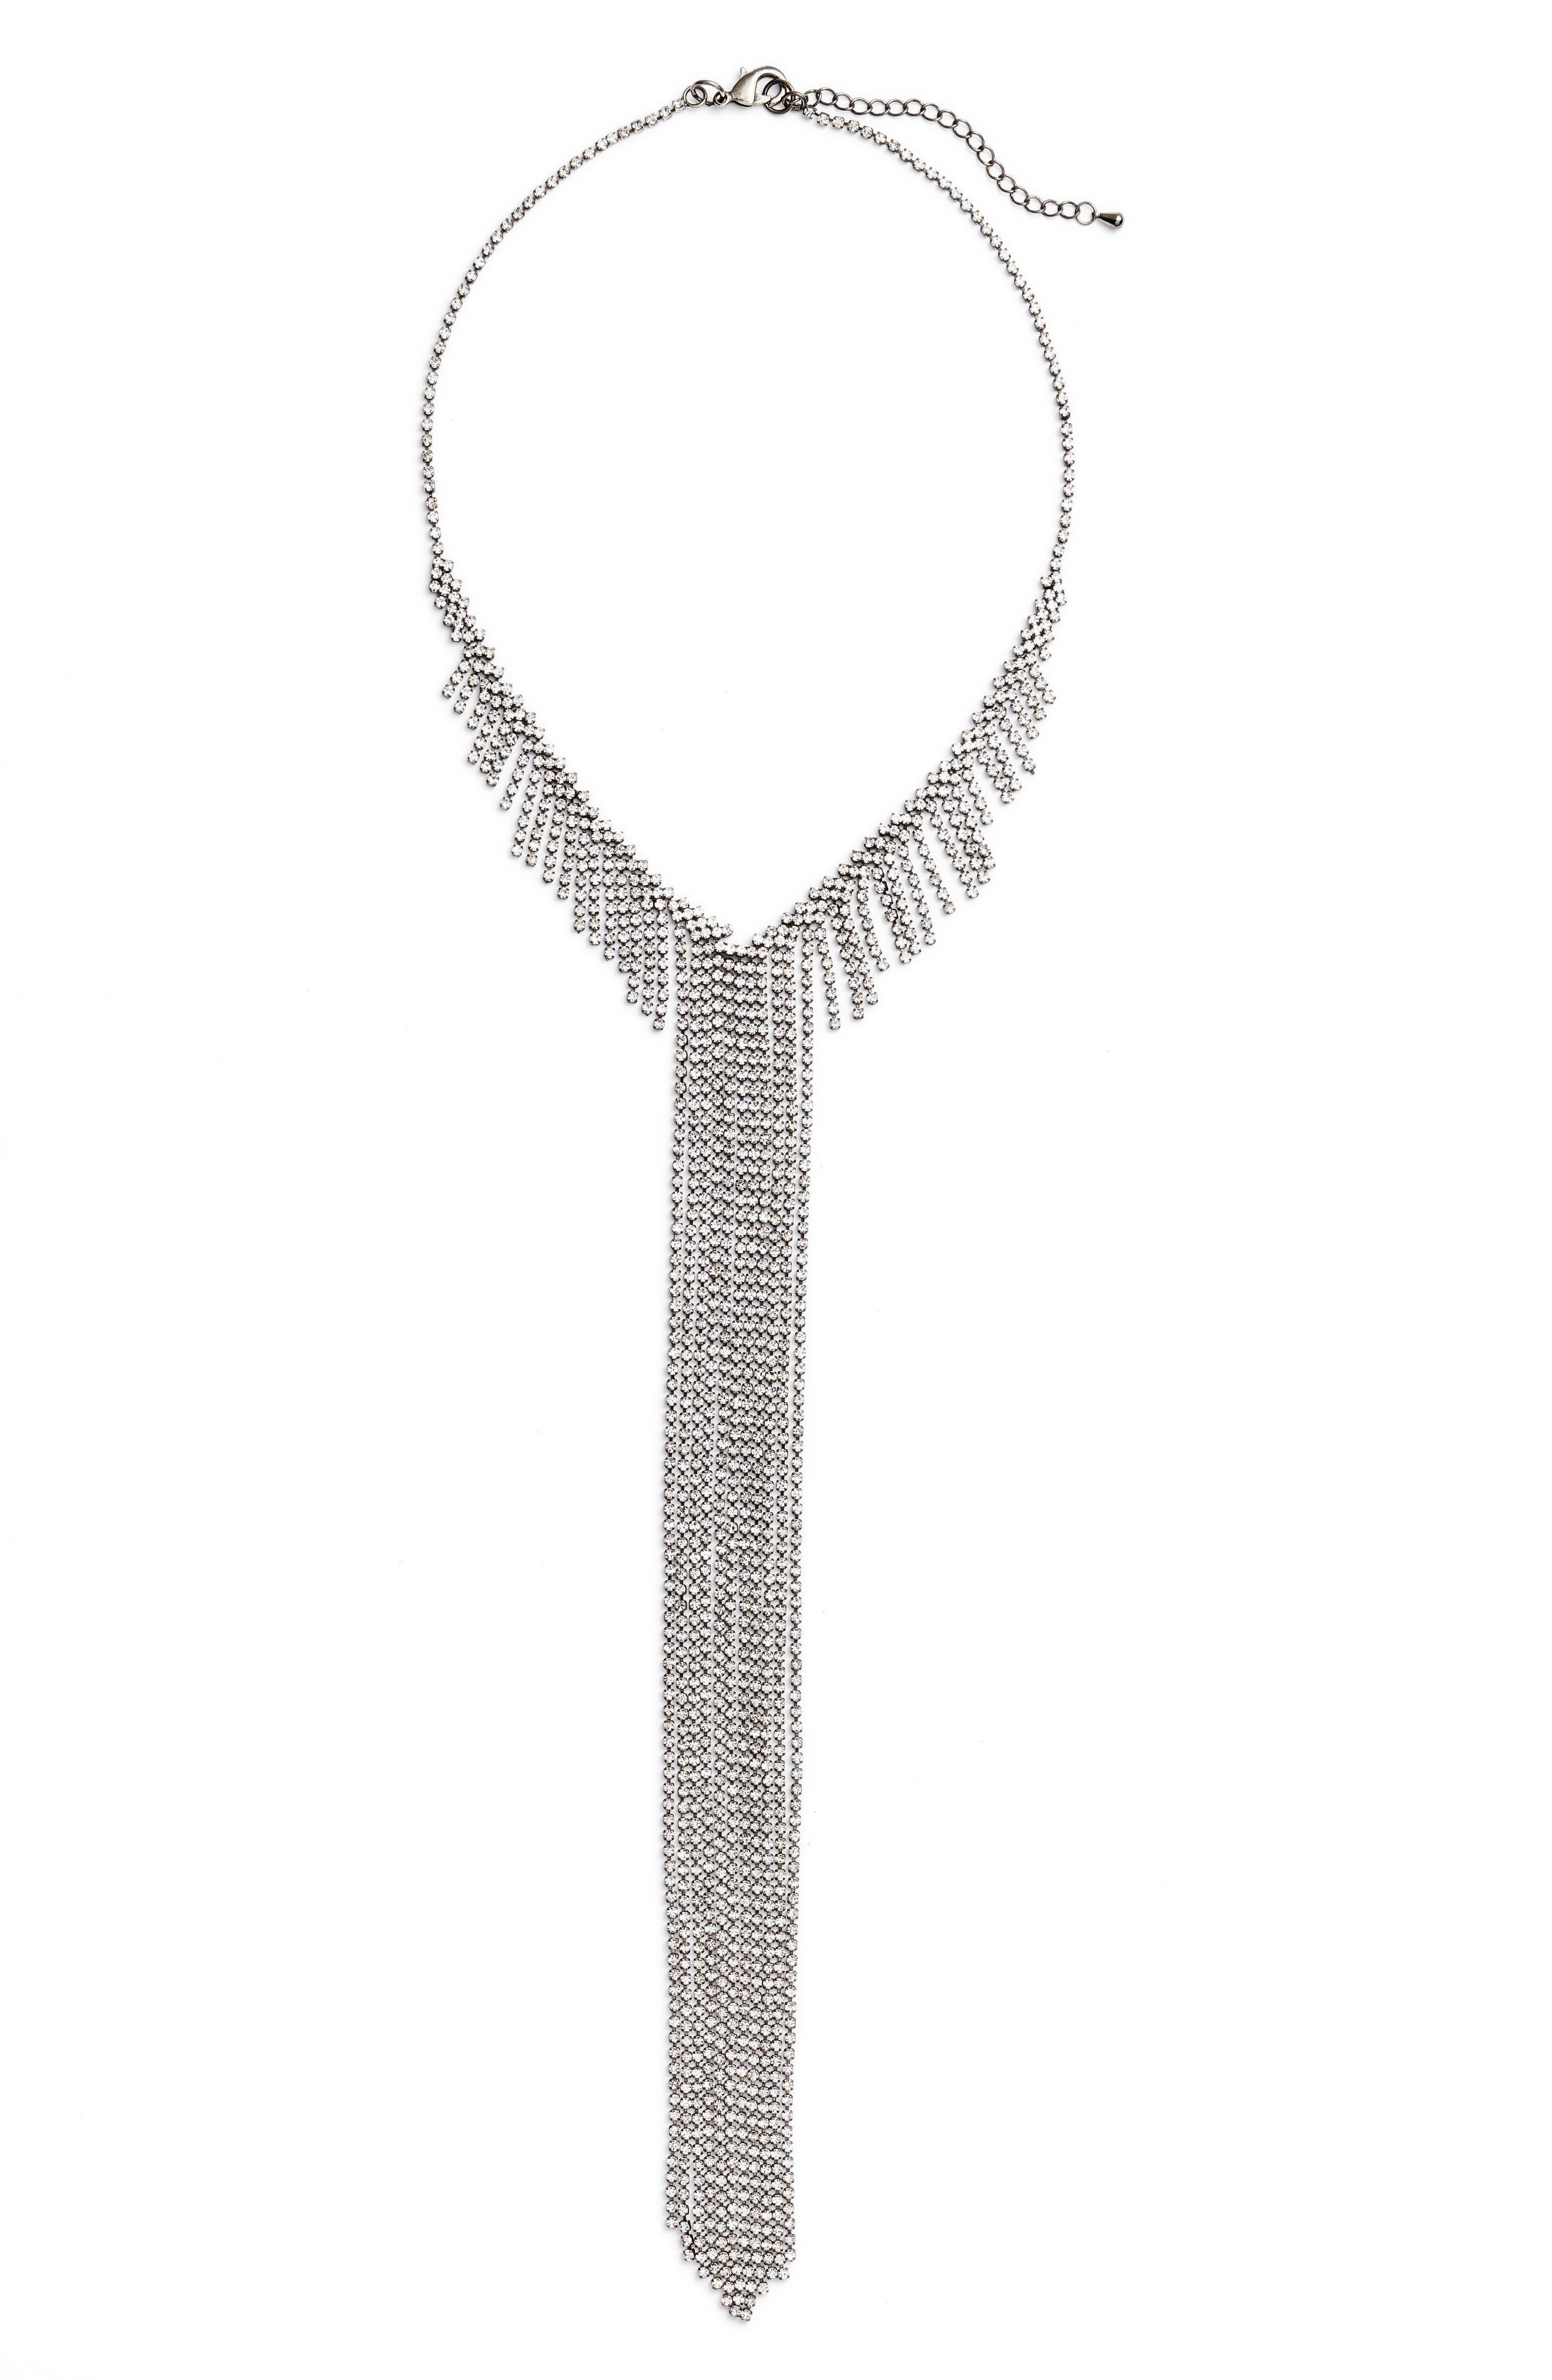 CRISTABELLE Fringe Frontal Necklace